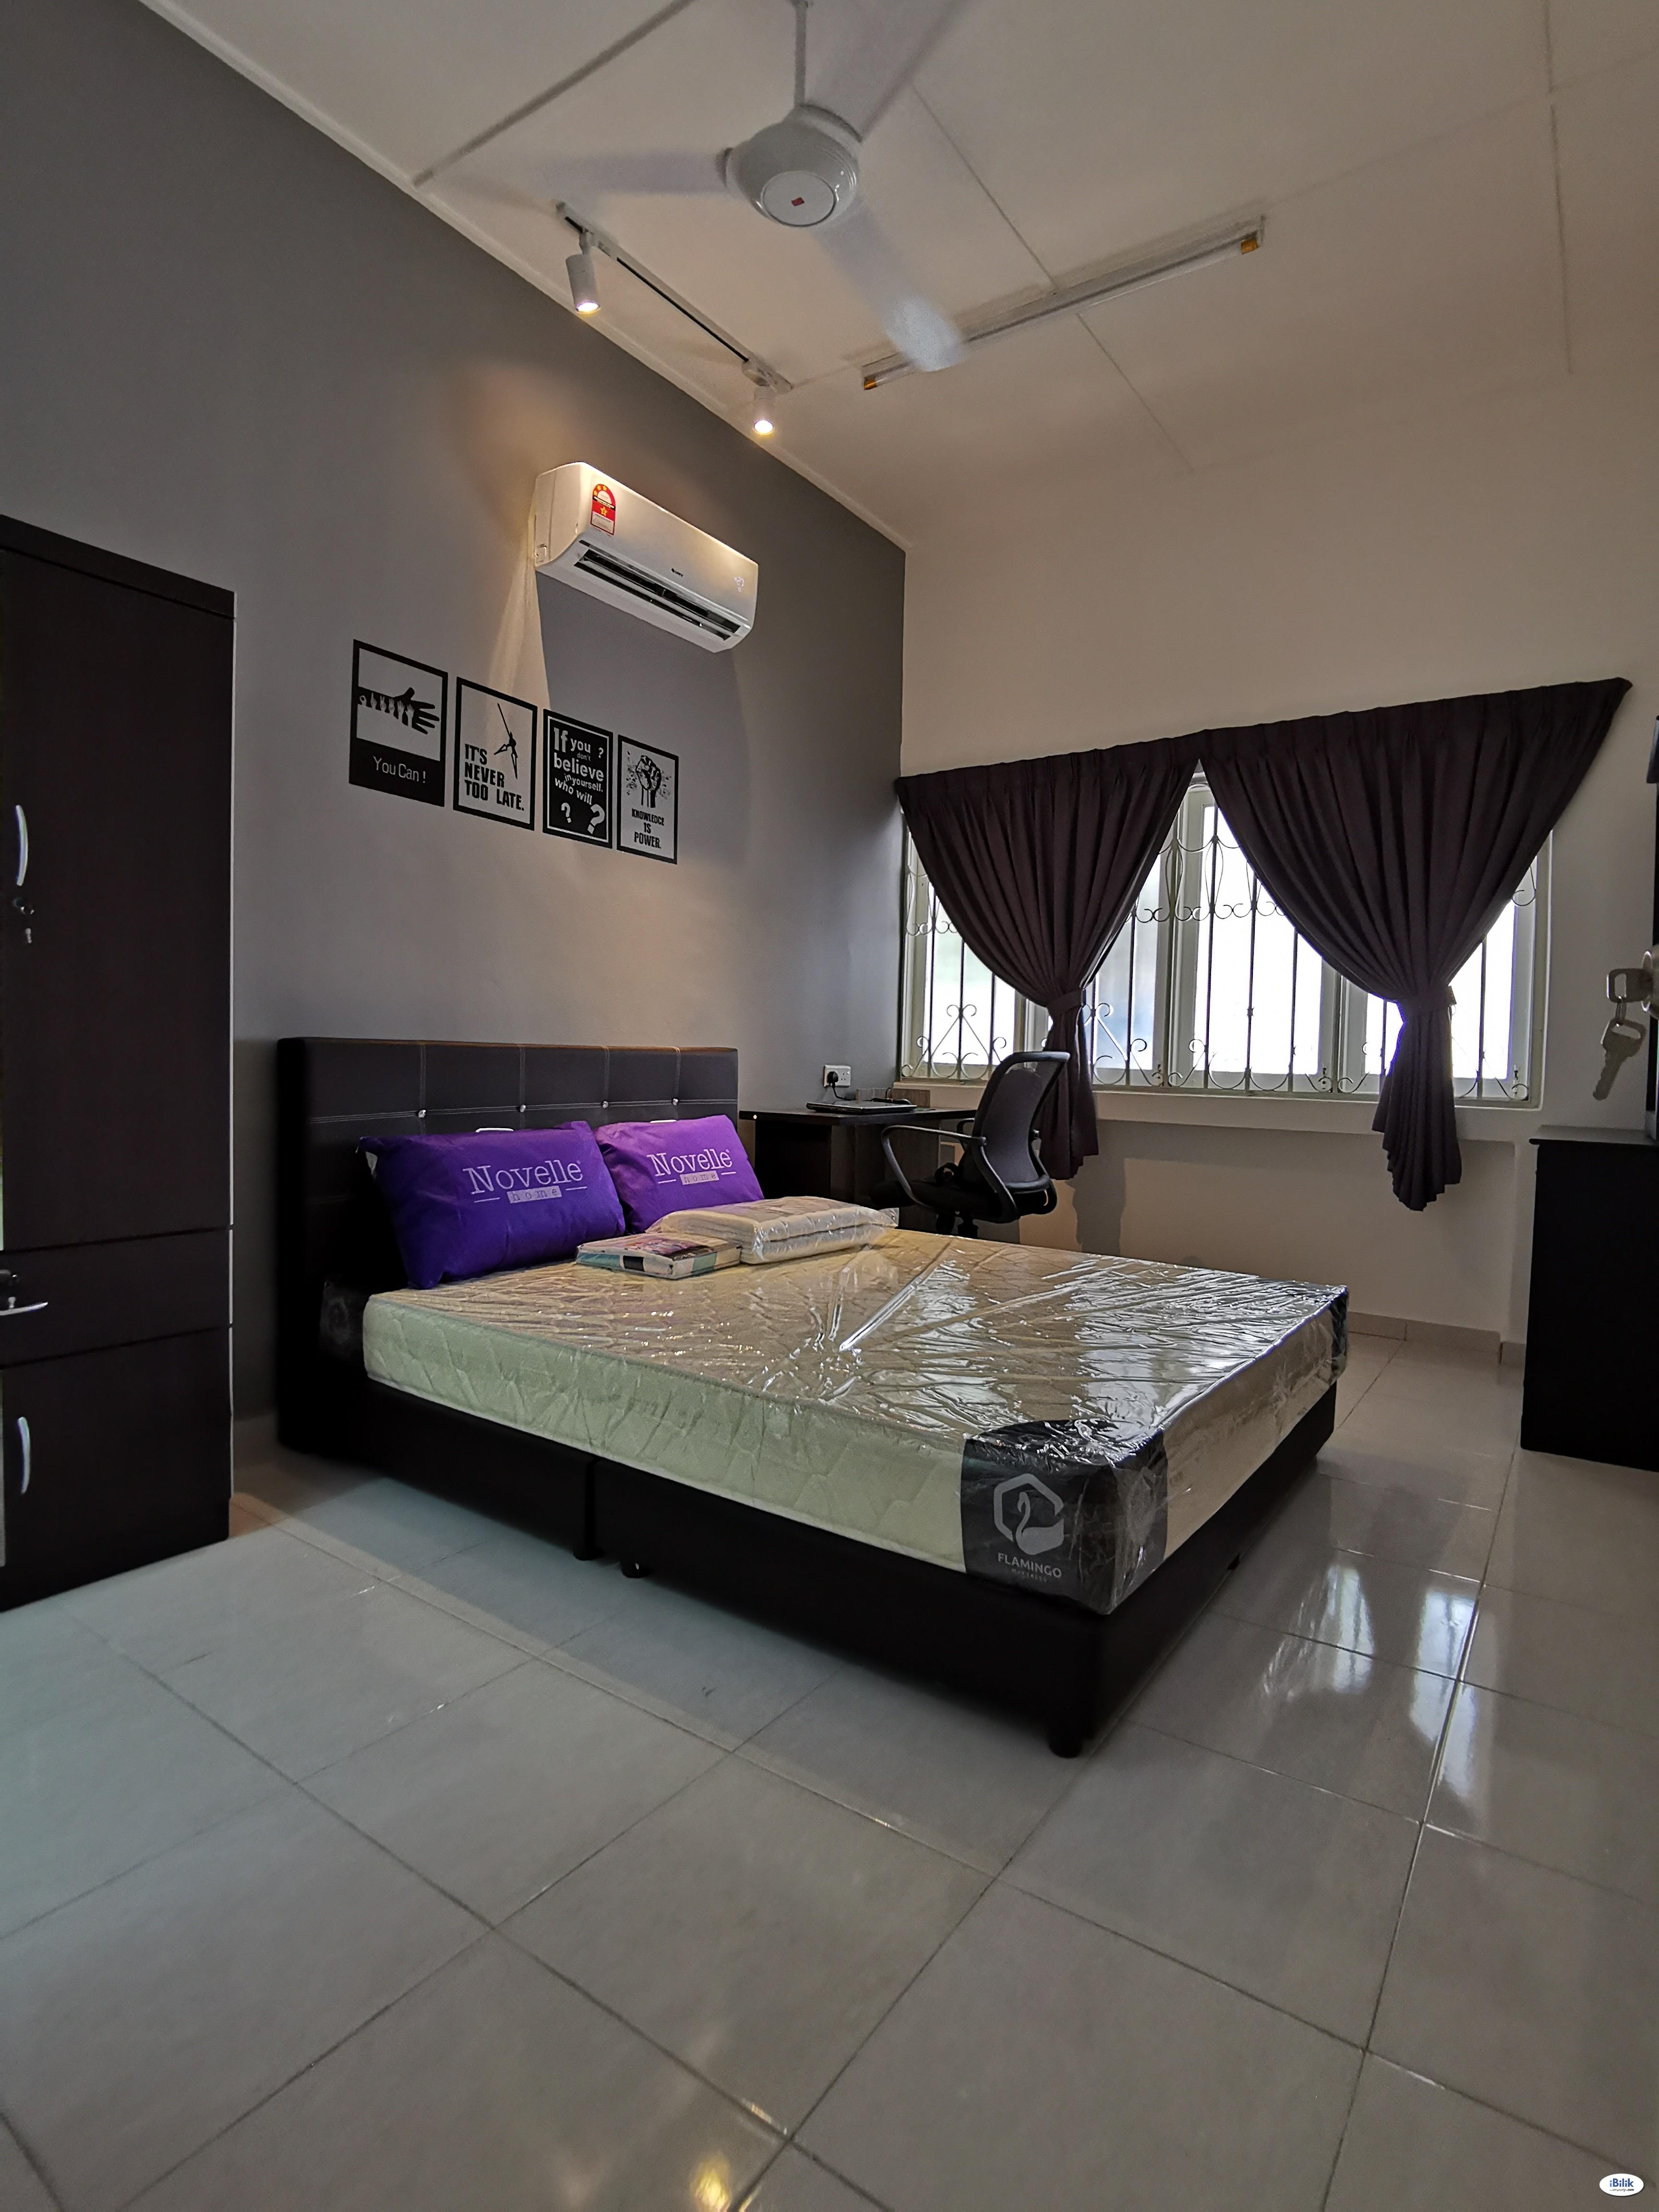 Newly Renovated Single Room at Ayer Keroh, Melaka